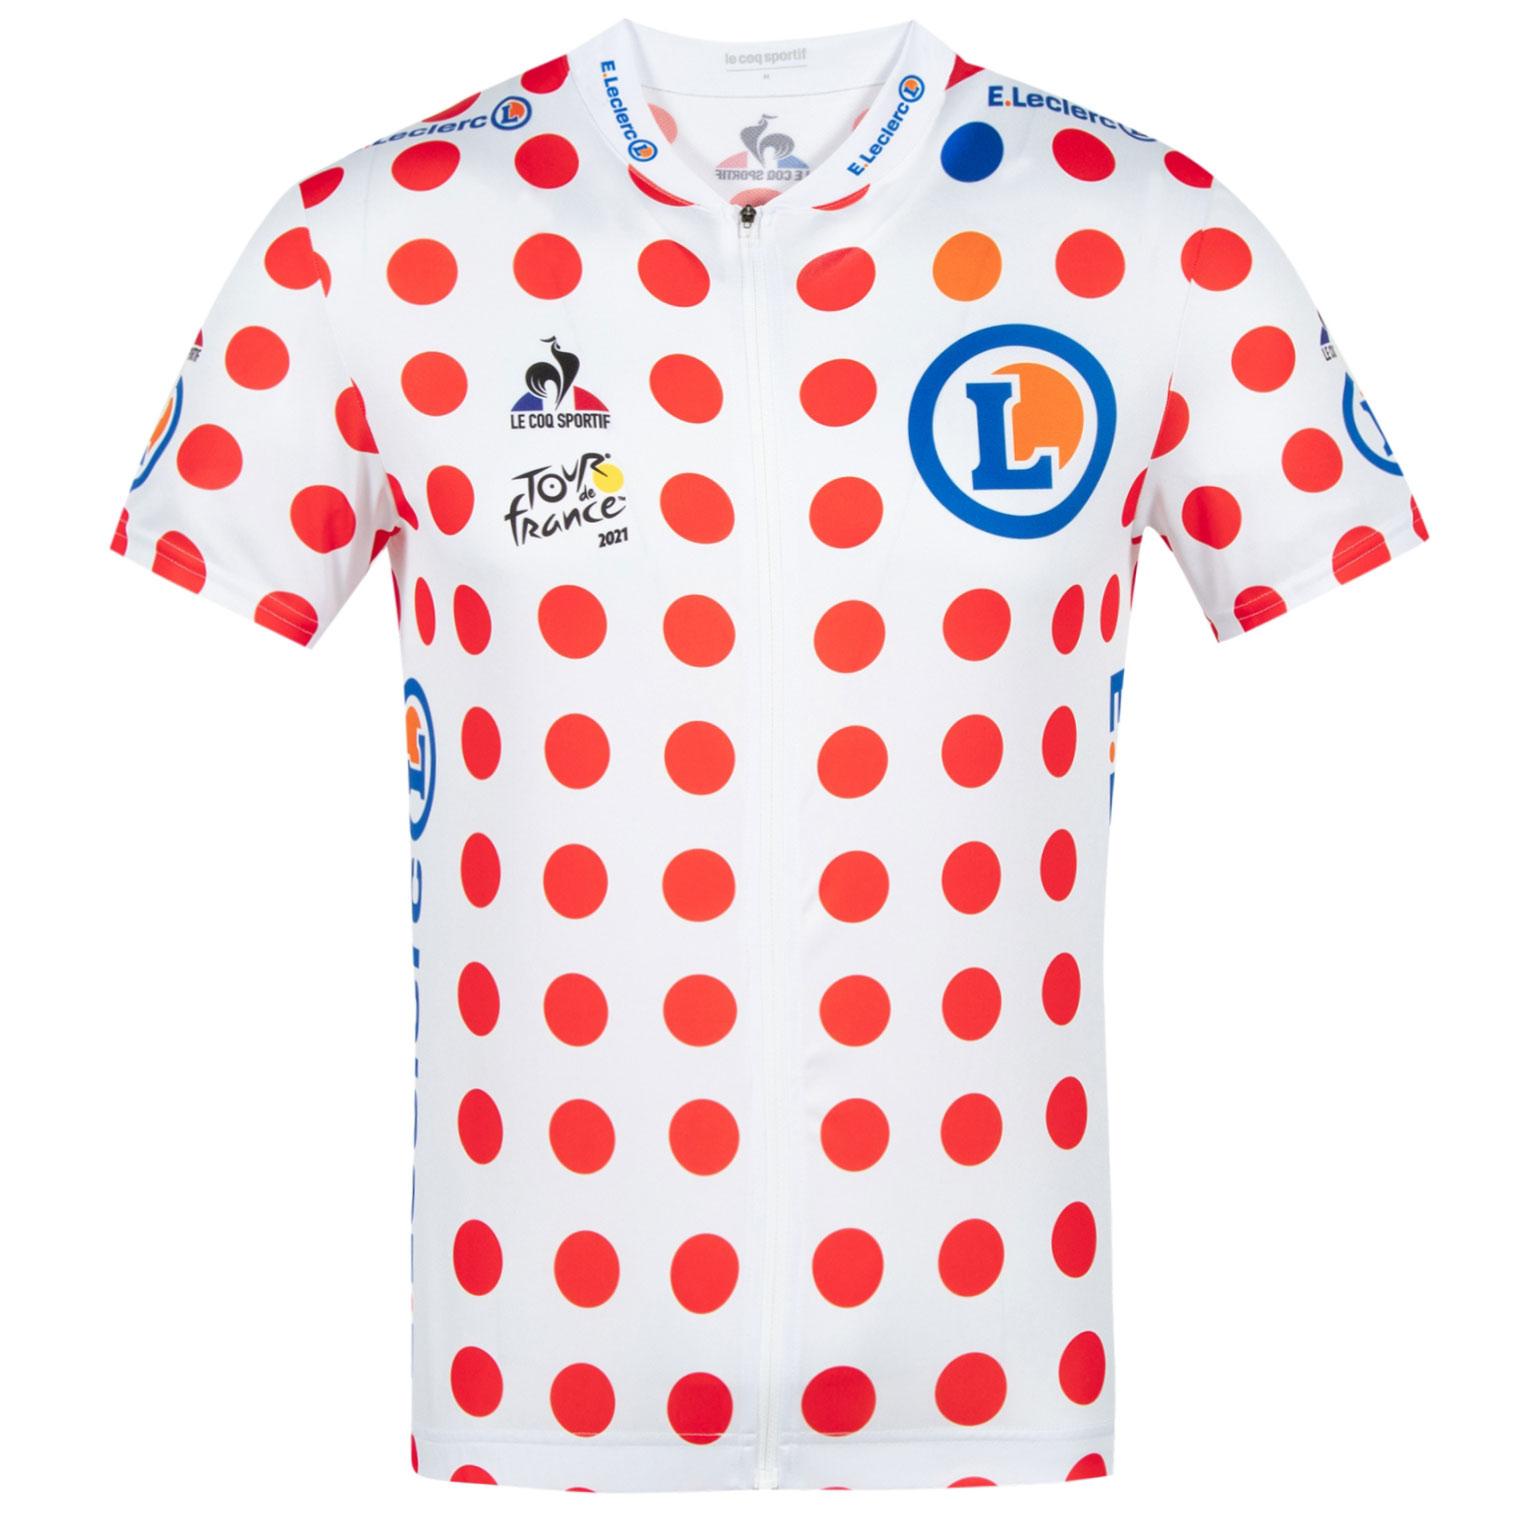 Le Coq Sportif Tour de France™ 2021 Collection Replica Kurzarm-Trikot - Gepunktet